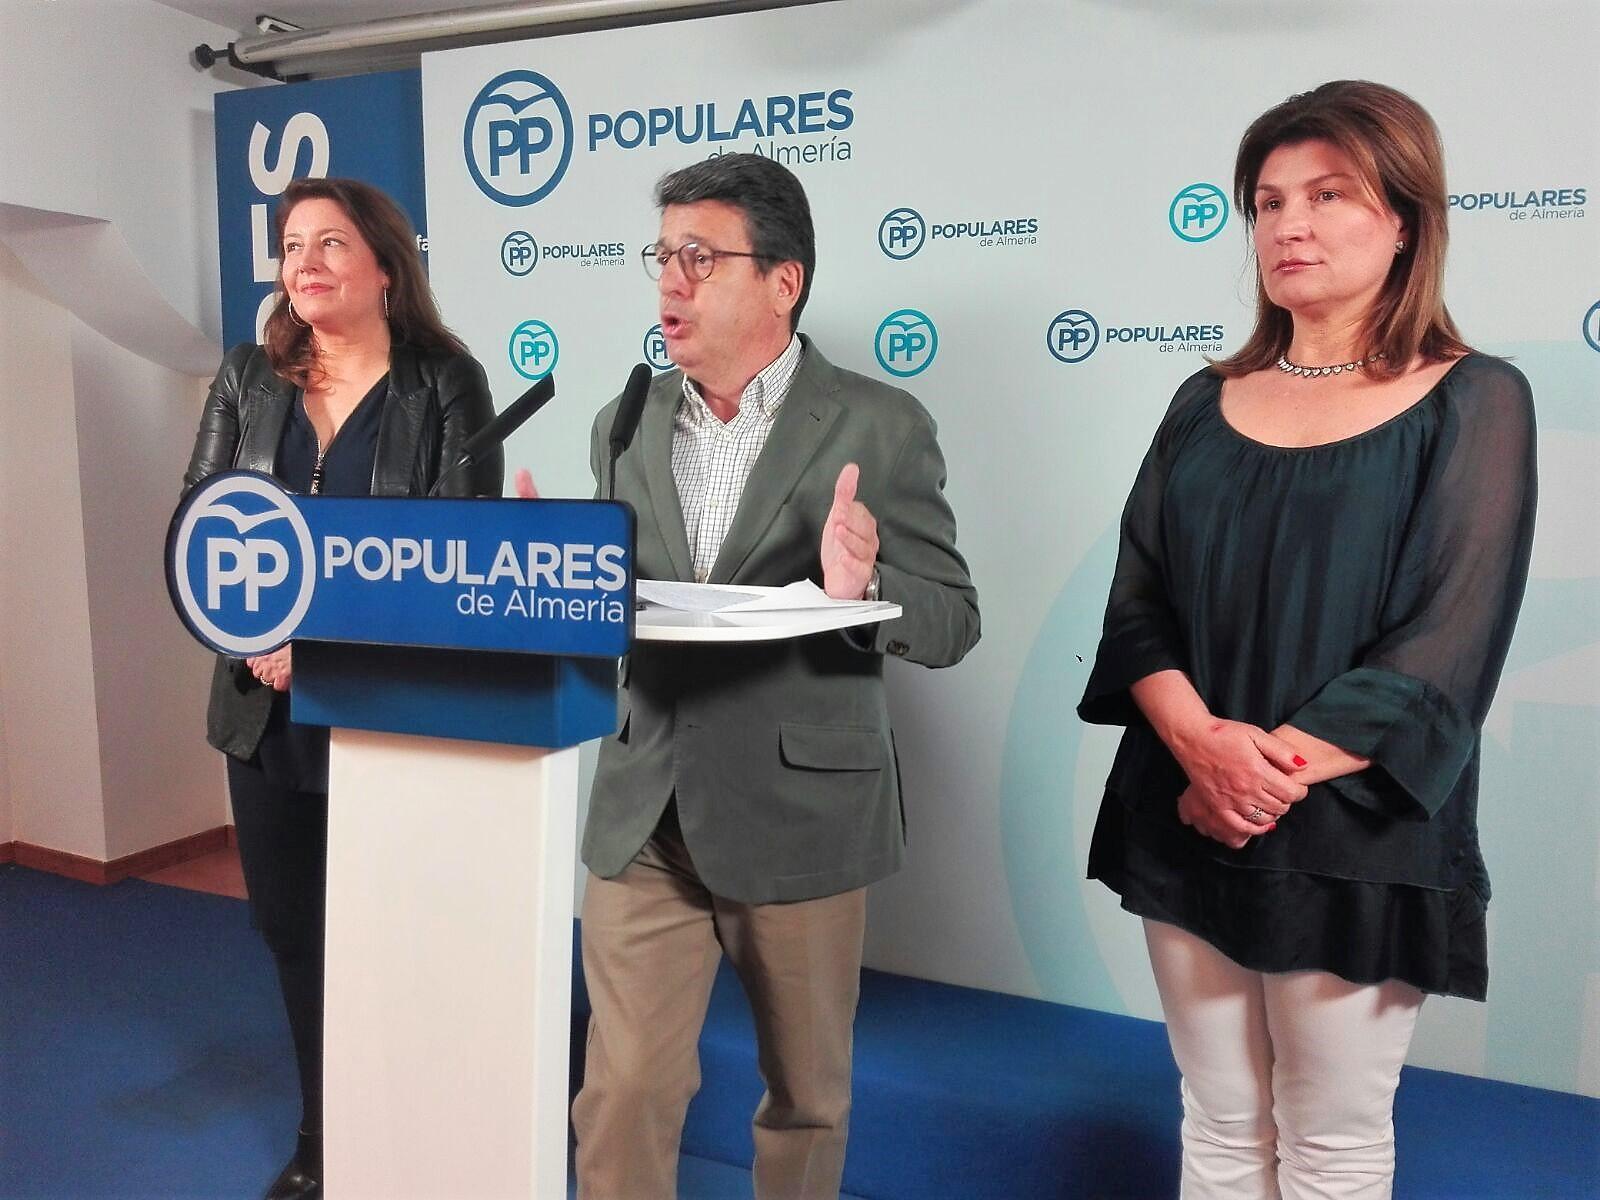 El CGPJ avala la petición del PP para elevar la categoría de los juzgados de El Ejido y Roquetas de Mar